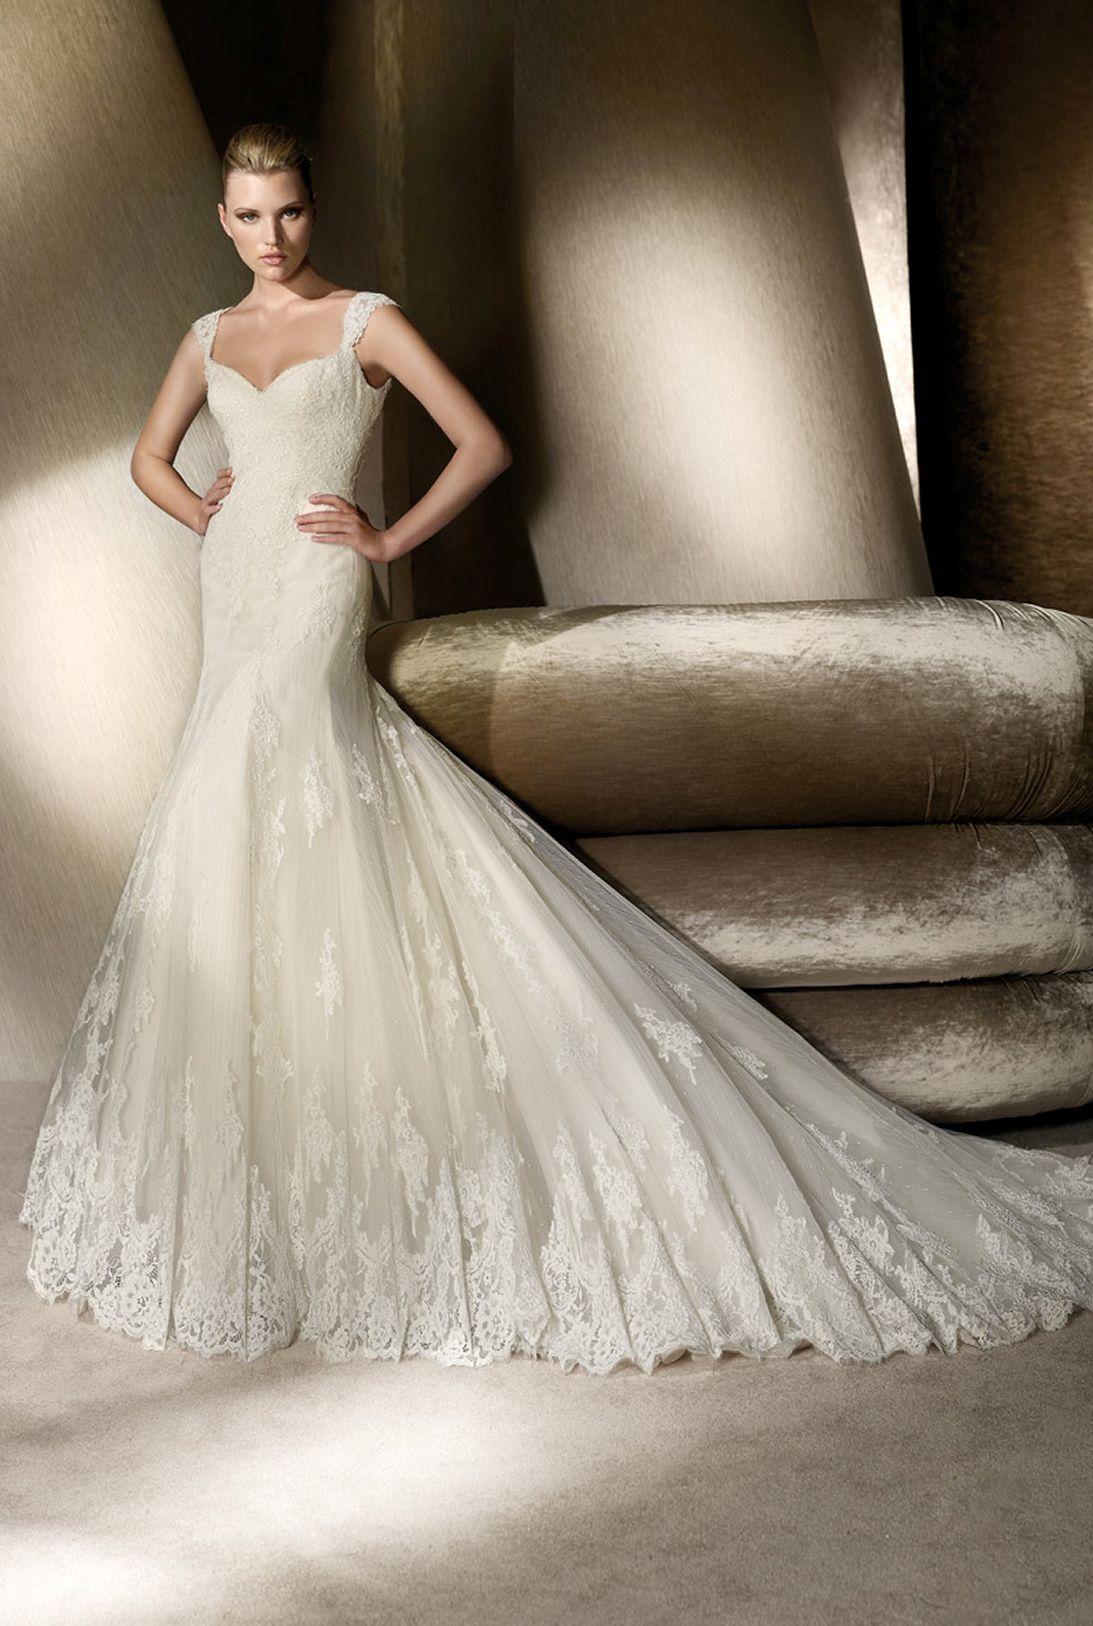 Cobalto St Patrick wedding dress | Dresses for princesses ...